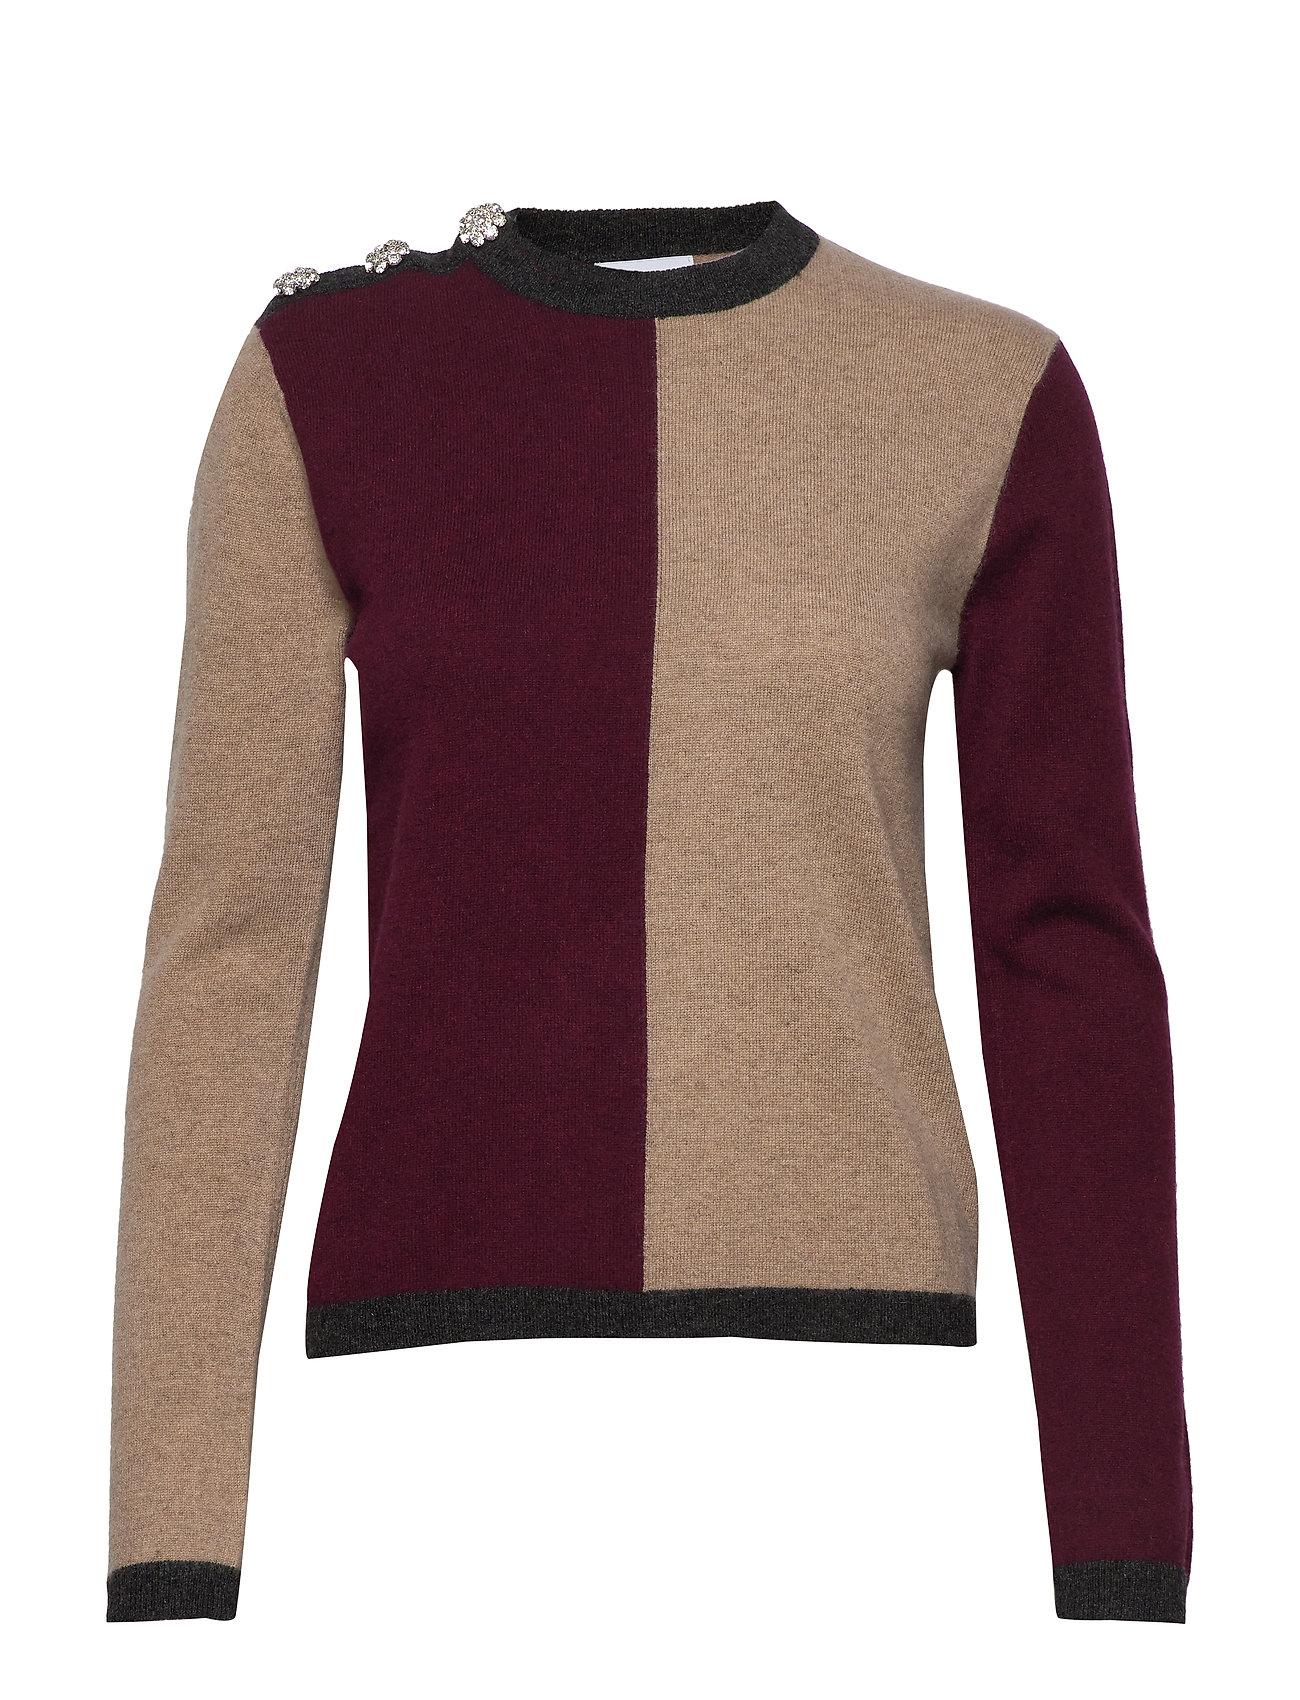 Ganni Cashmere Knit - BLOCK COLOUR